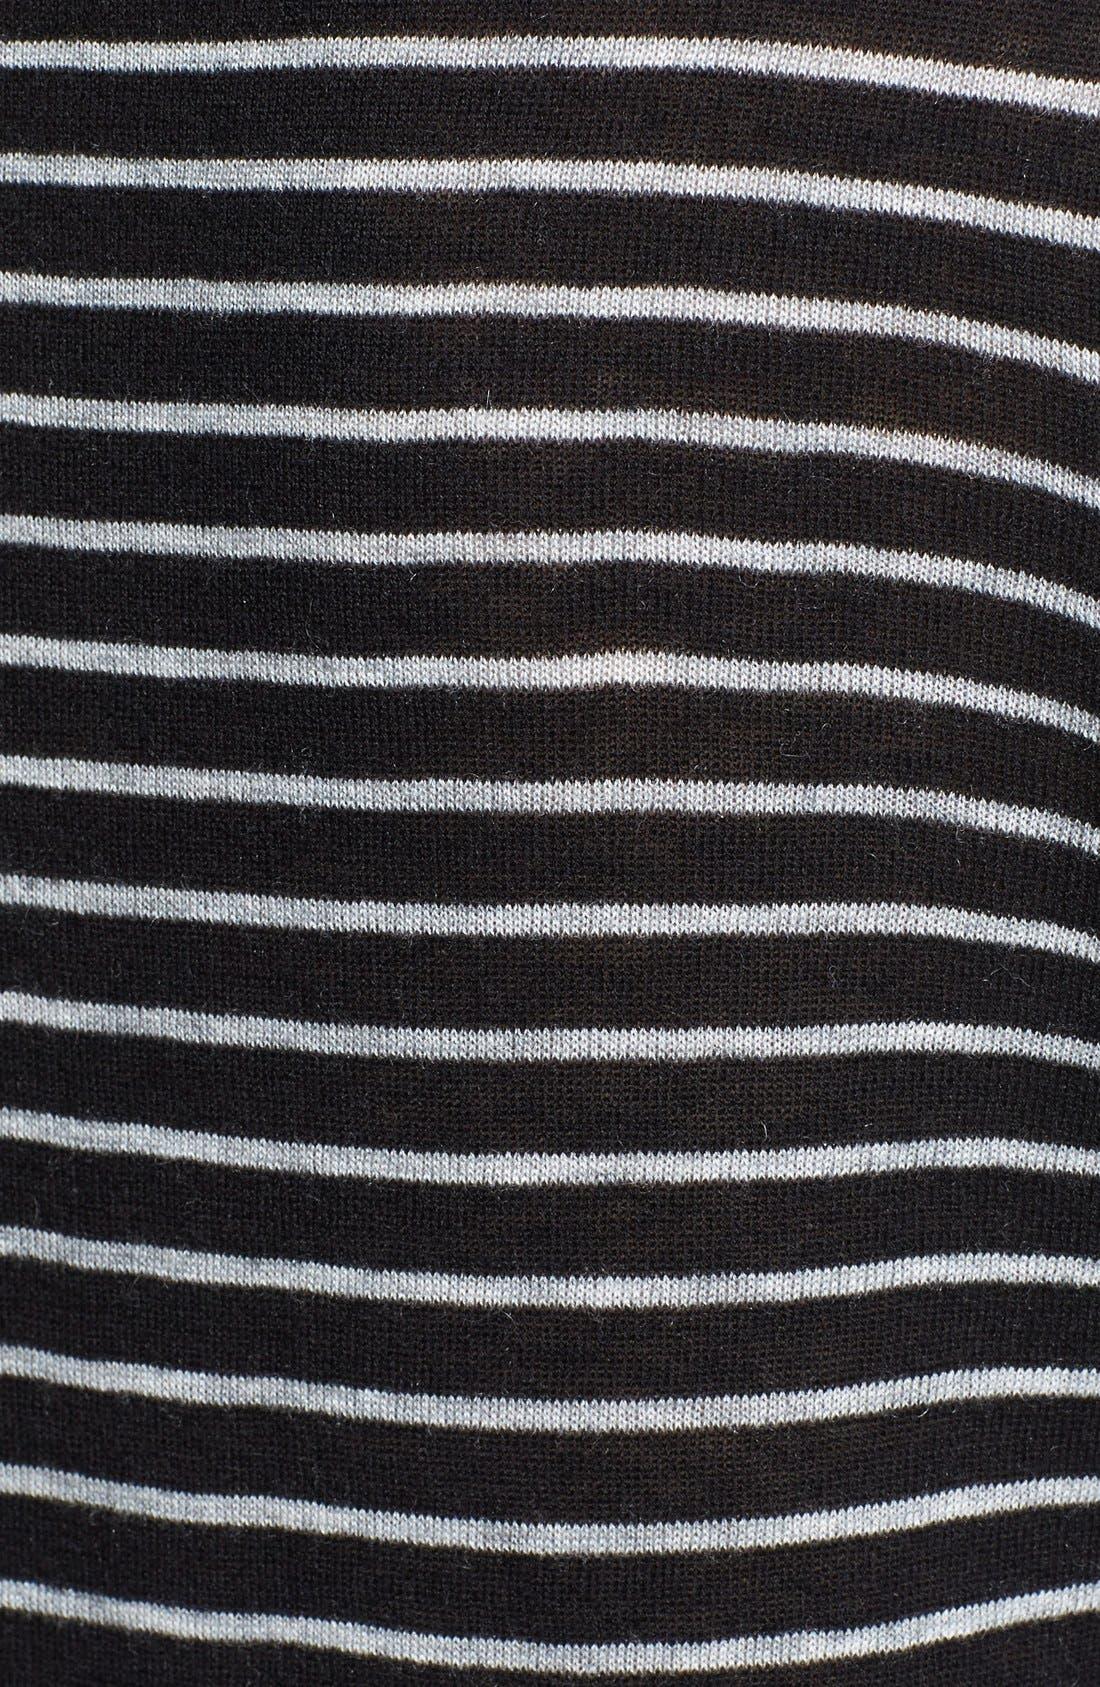 Mini Stripe Sweater,                             Alternate thumbnail 3, color,                             001